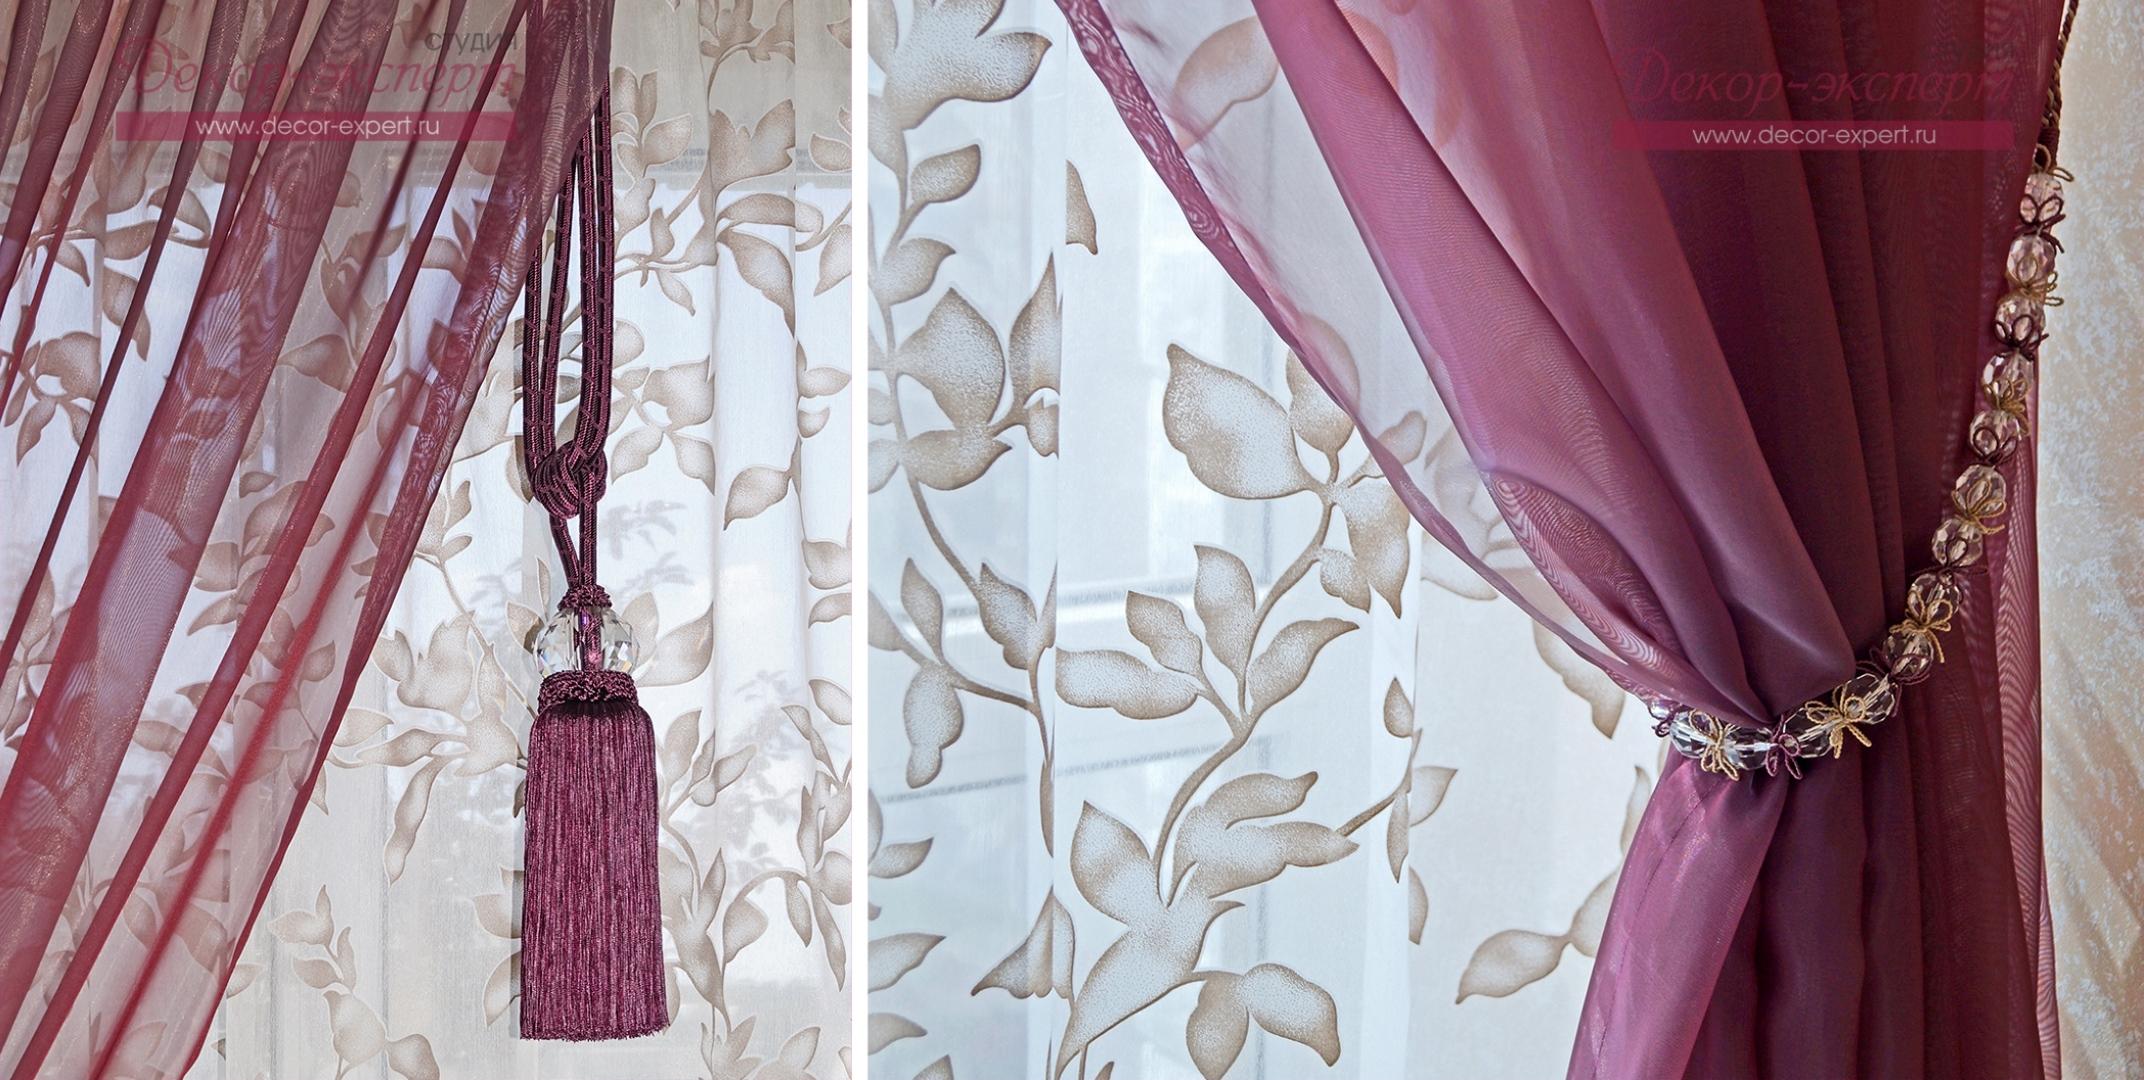 декоративная кисть и подхват из бусин для штор на кухне в стиле прованс в Тольятти